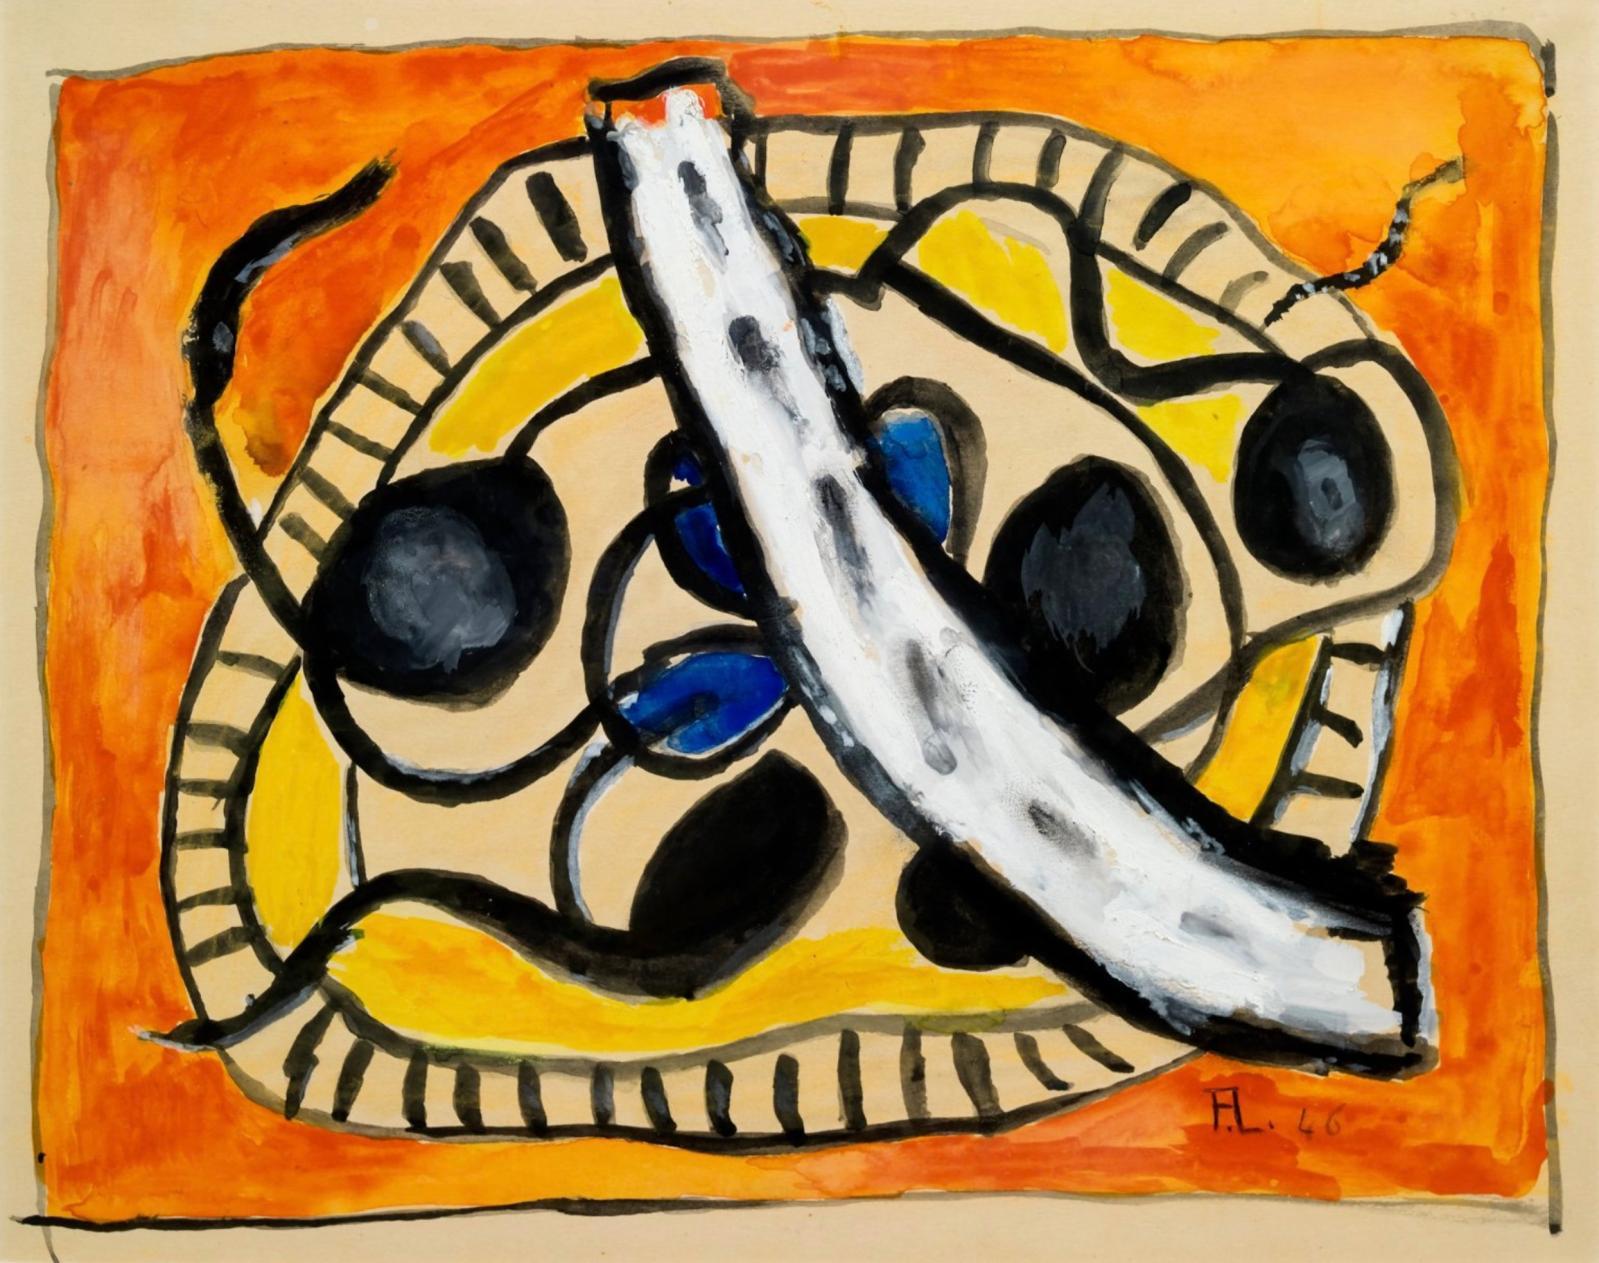 « L'assiette de fruits » 1946Gouache sur papierSignée des initiales et datée 46 en bas vers la droite28 x 36 cmVendue 14 080 €